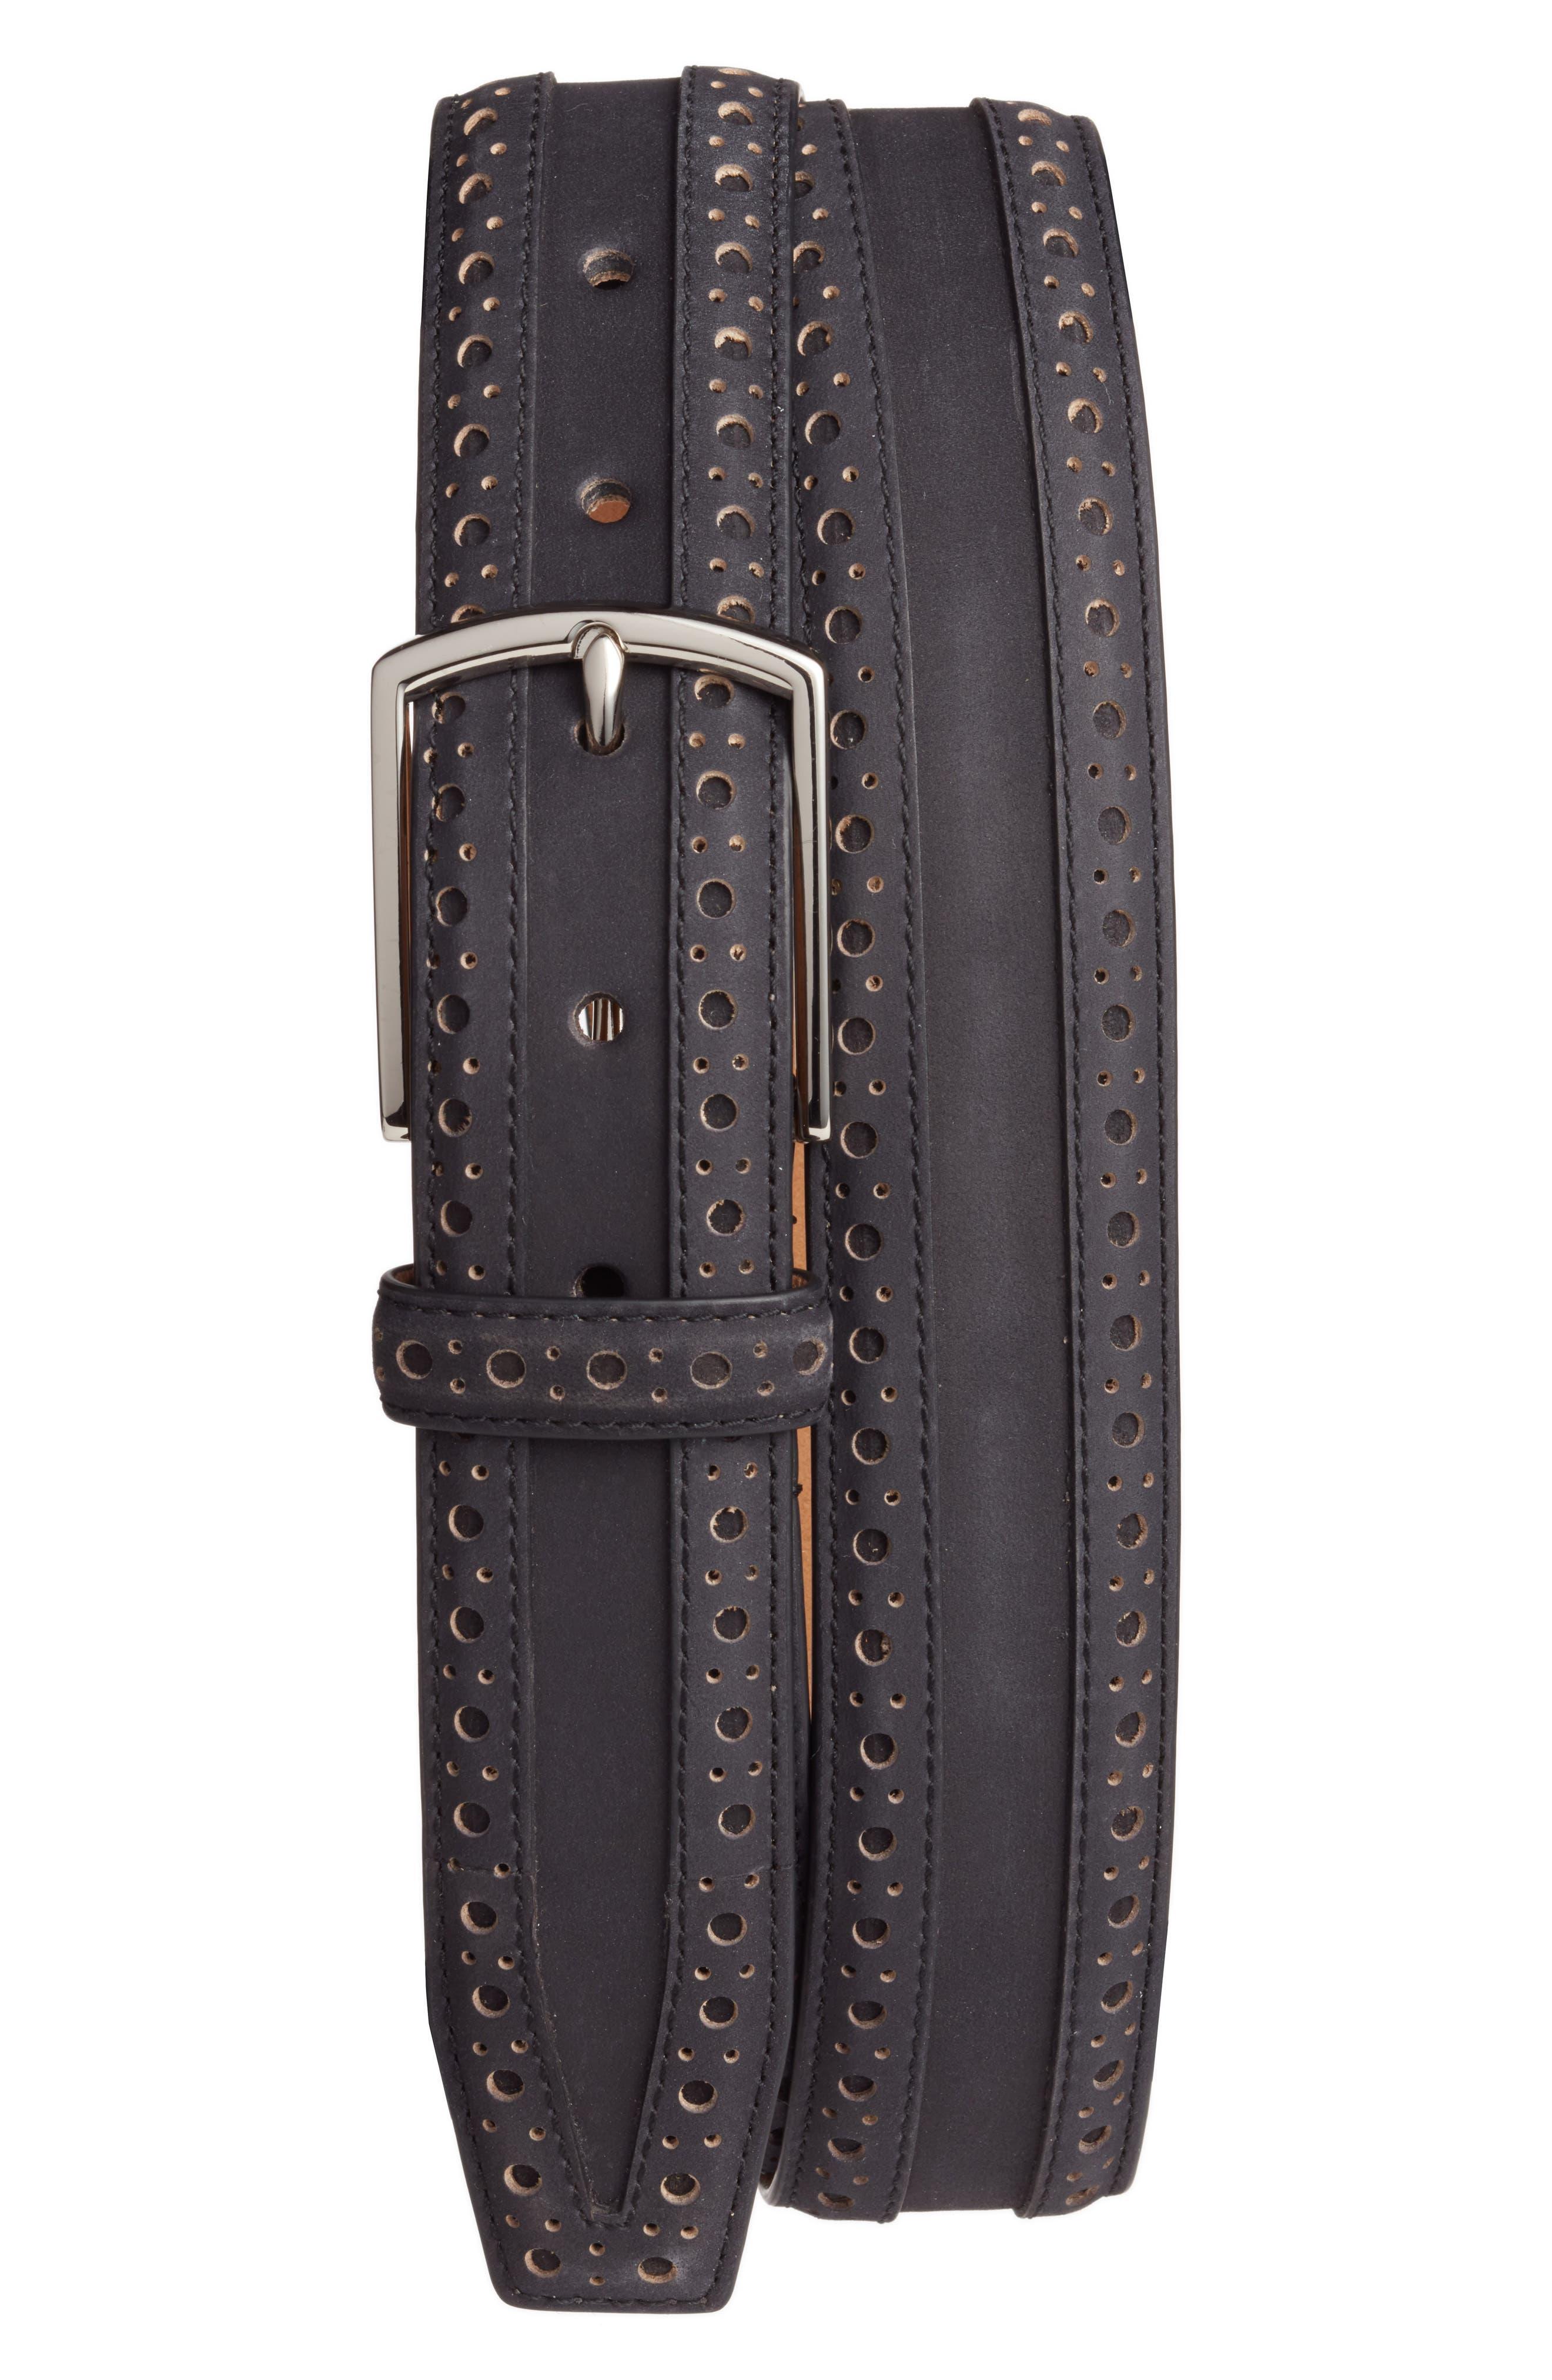 COLE HAAN Brogue Nubuck Leather Belt, Main, color, 001